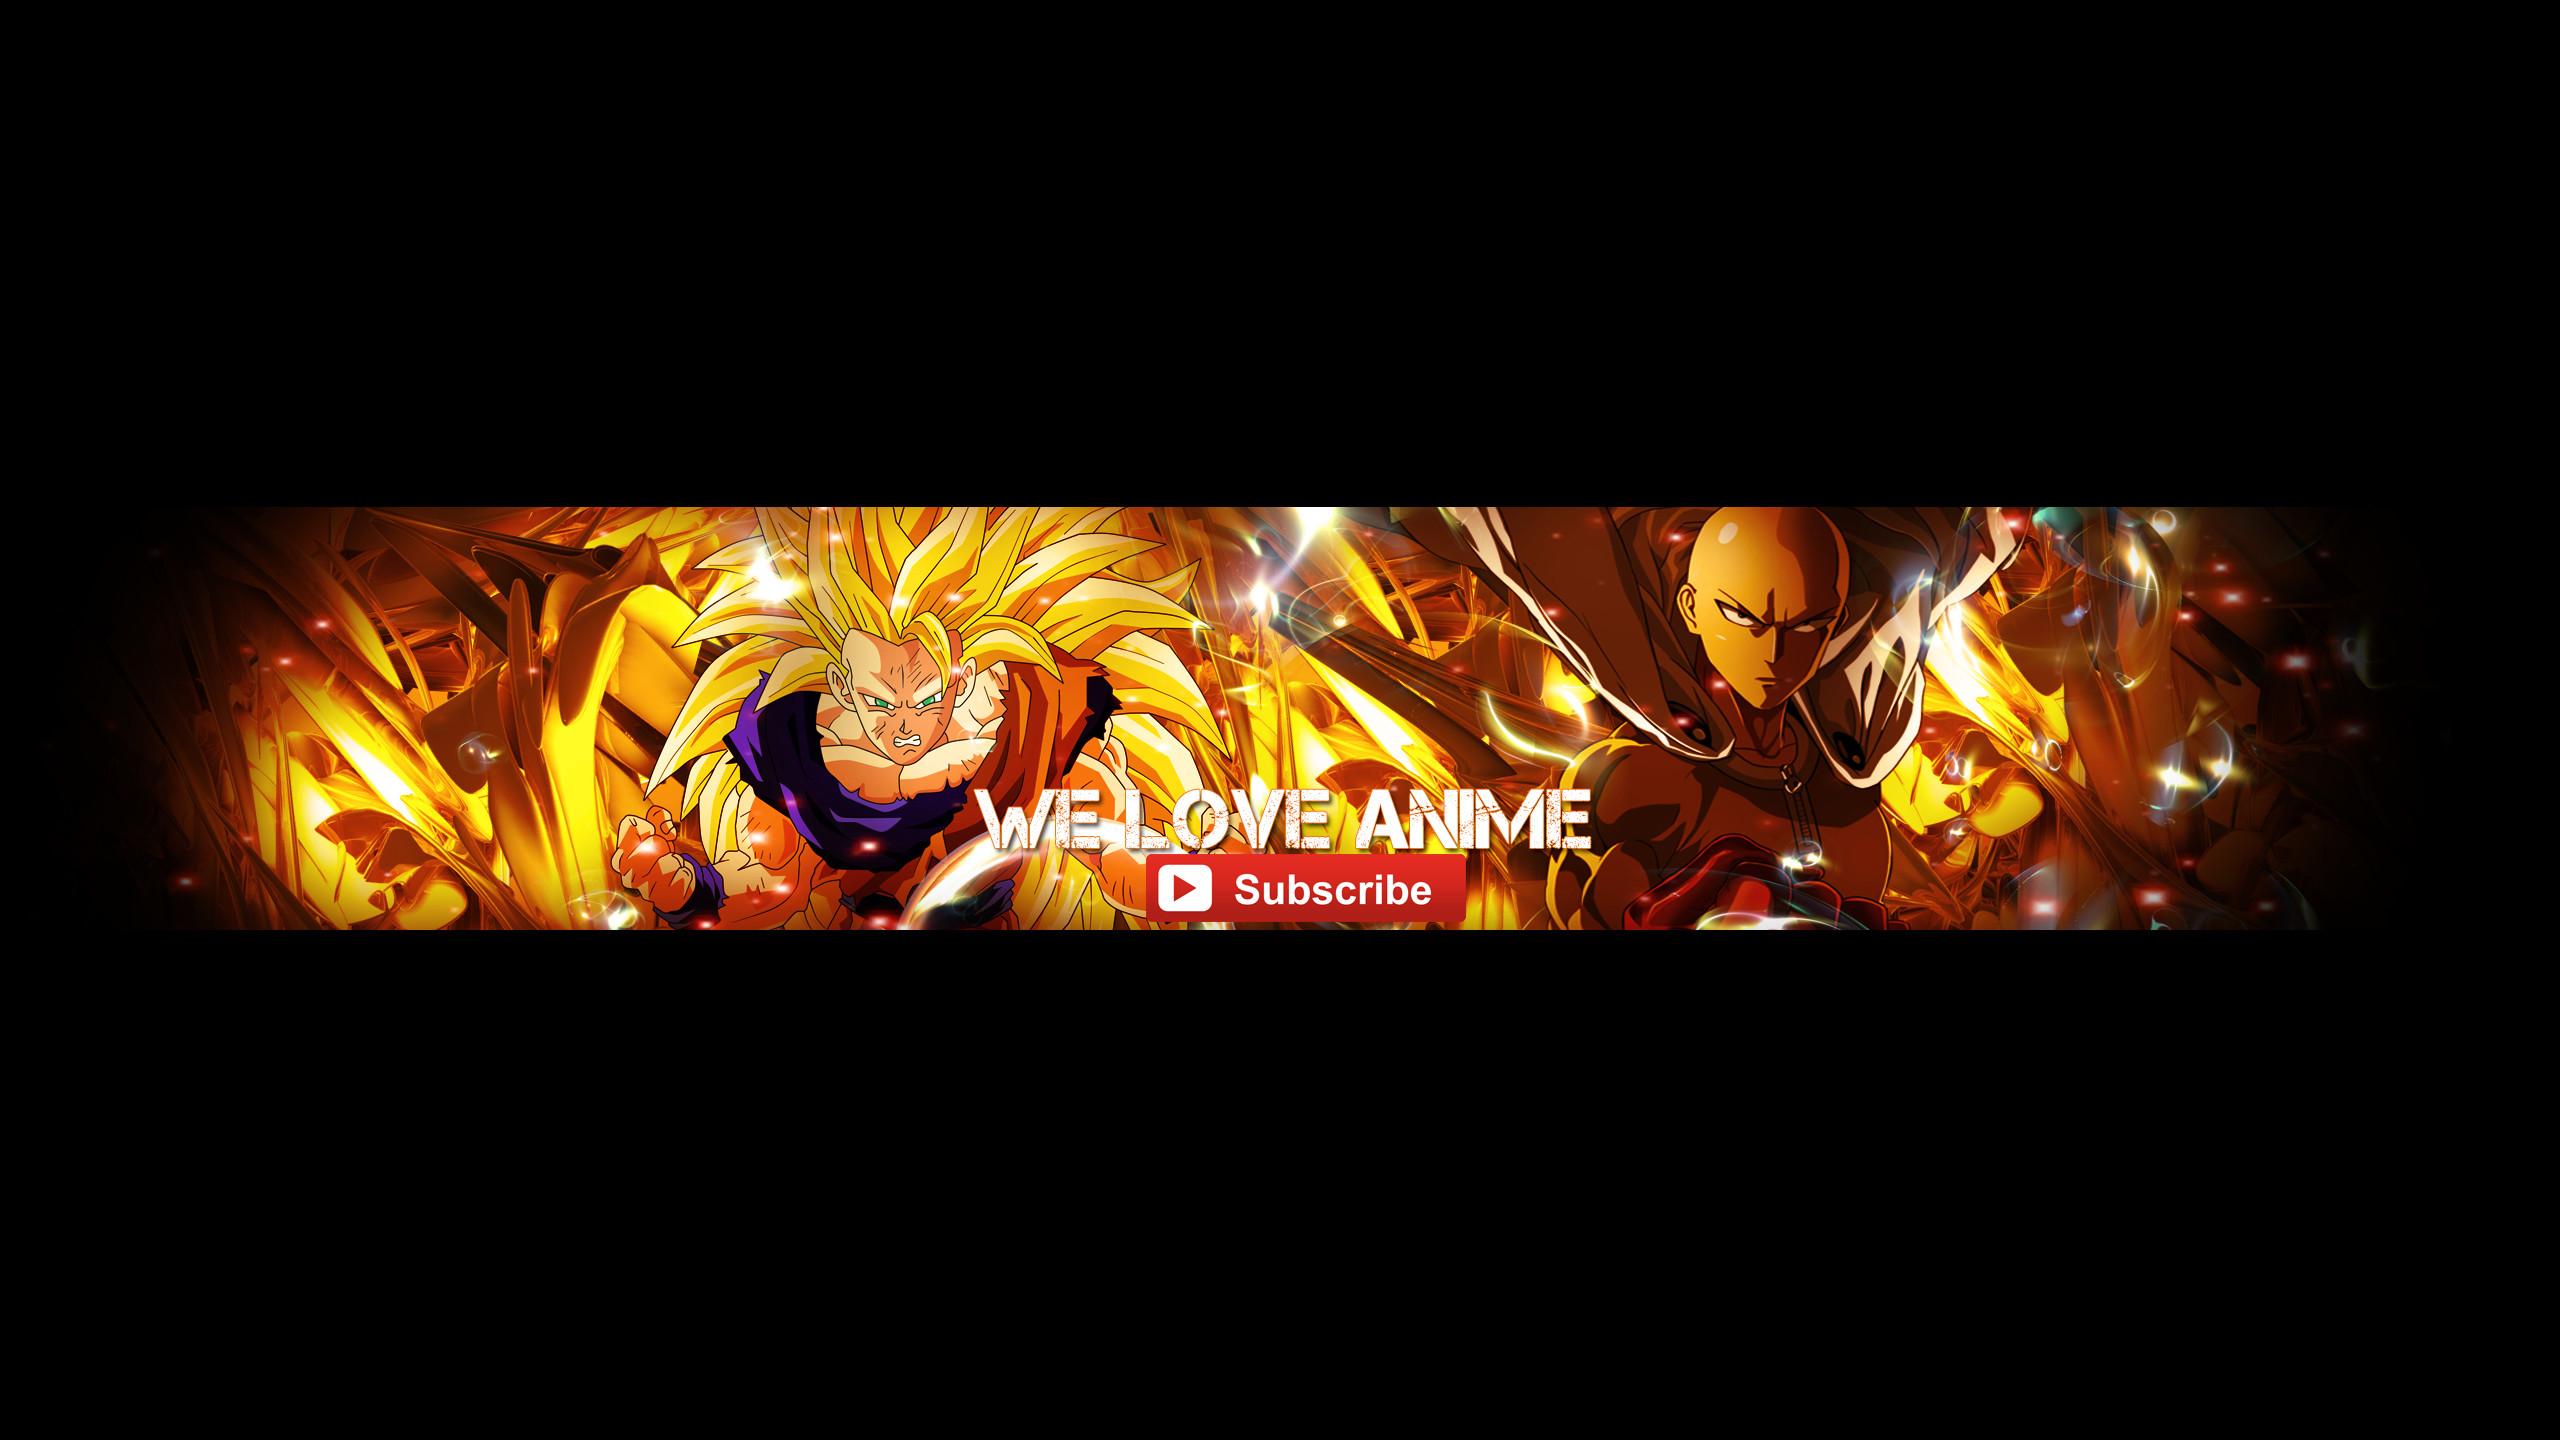 youtube banner wallpaper 90